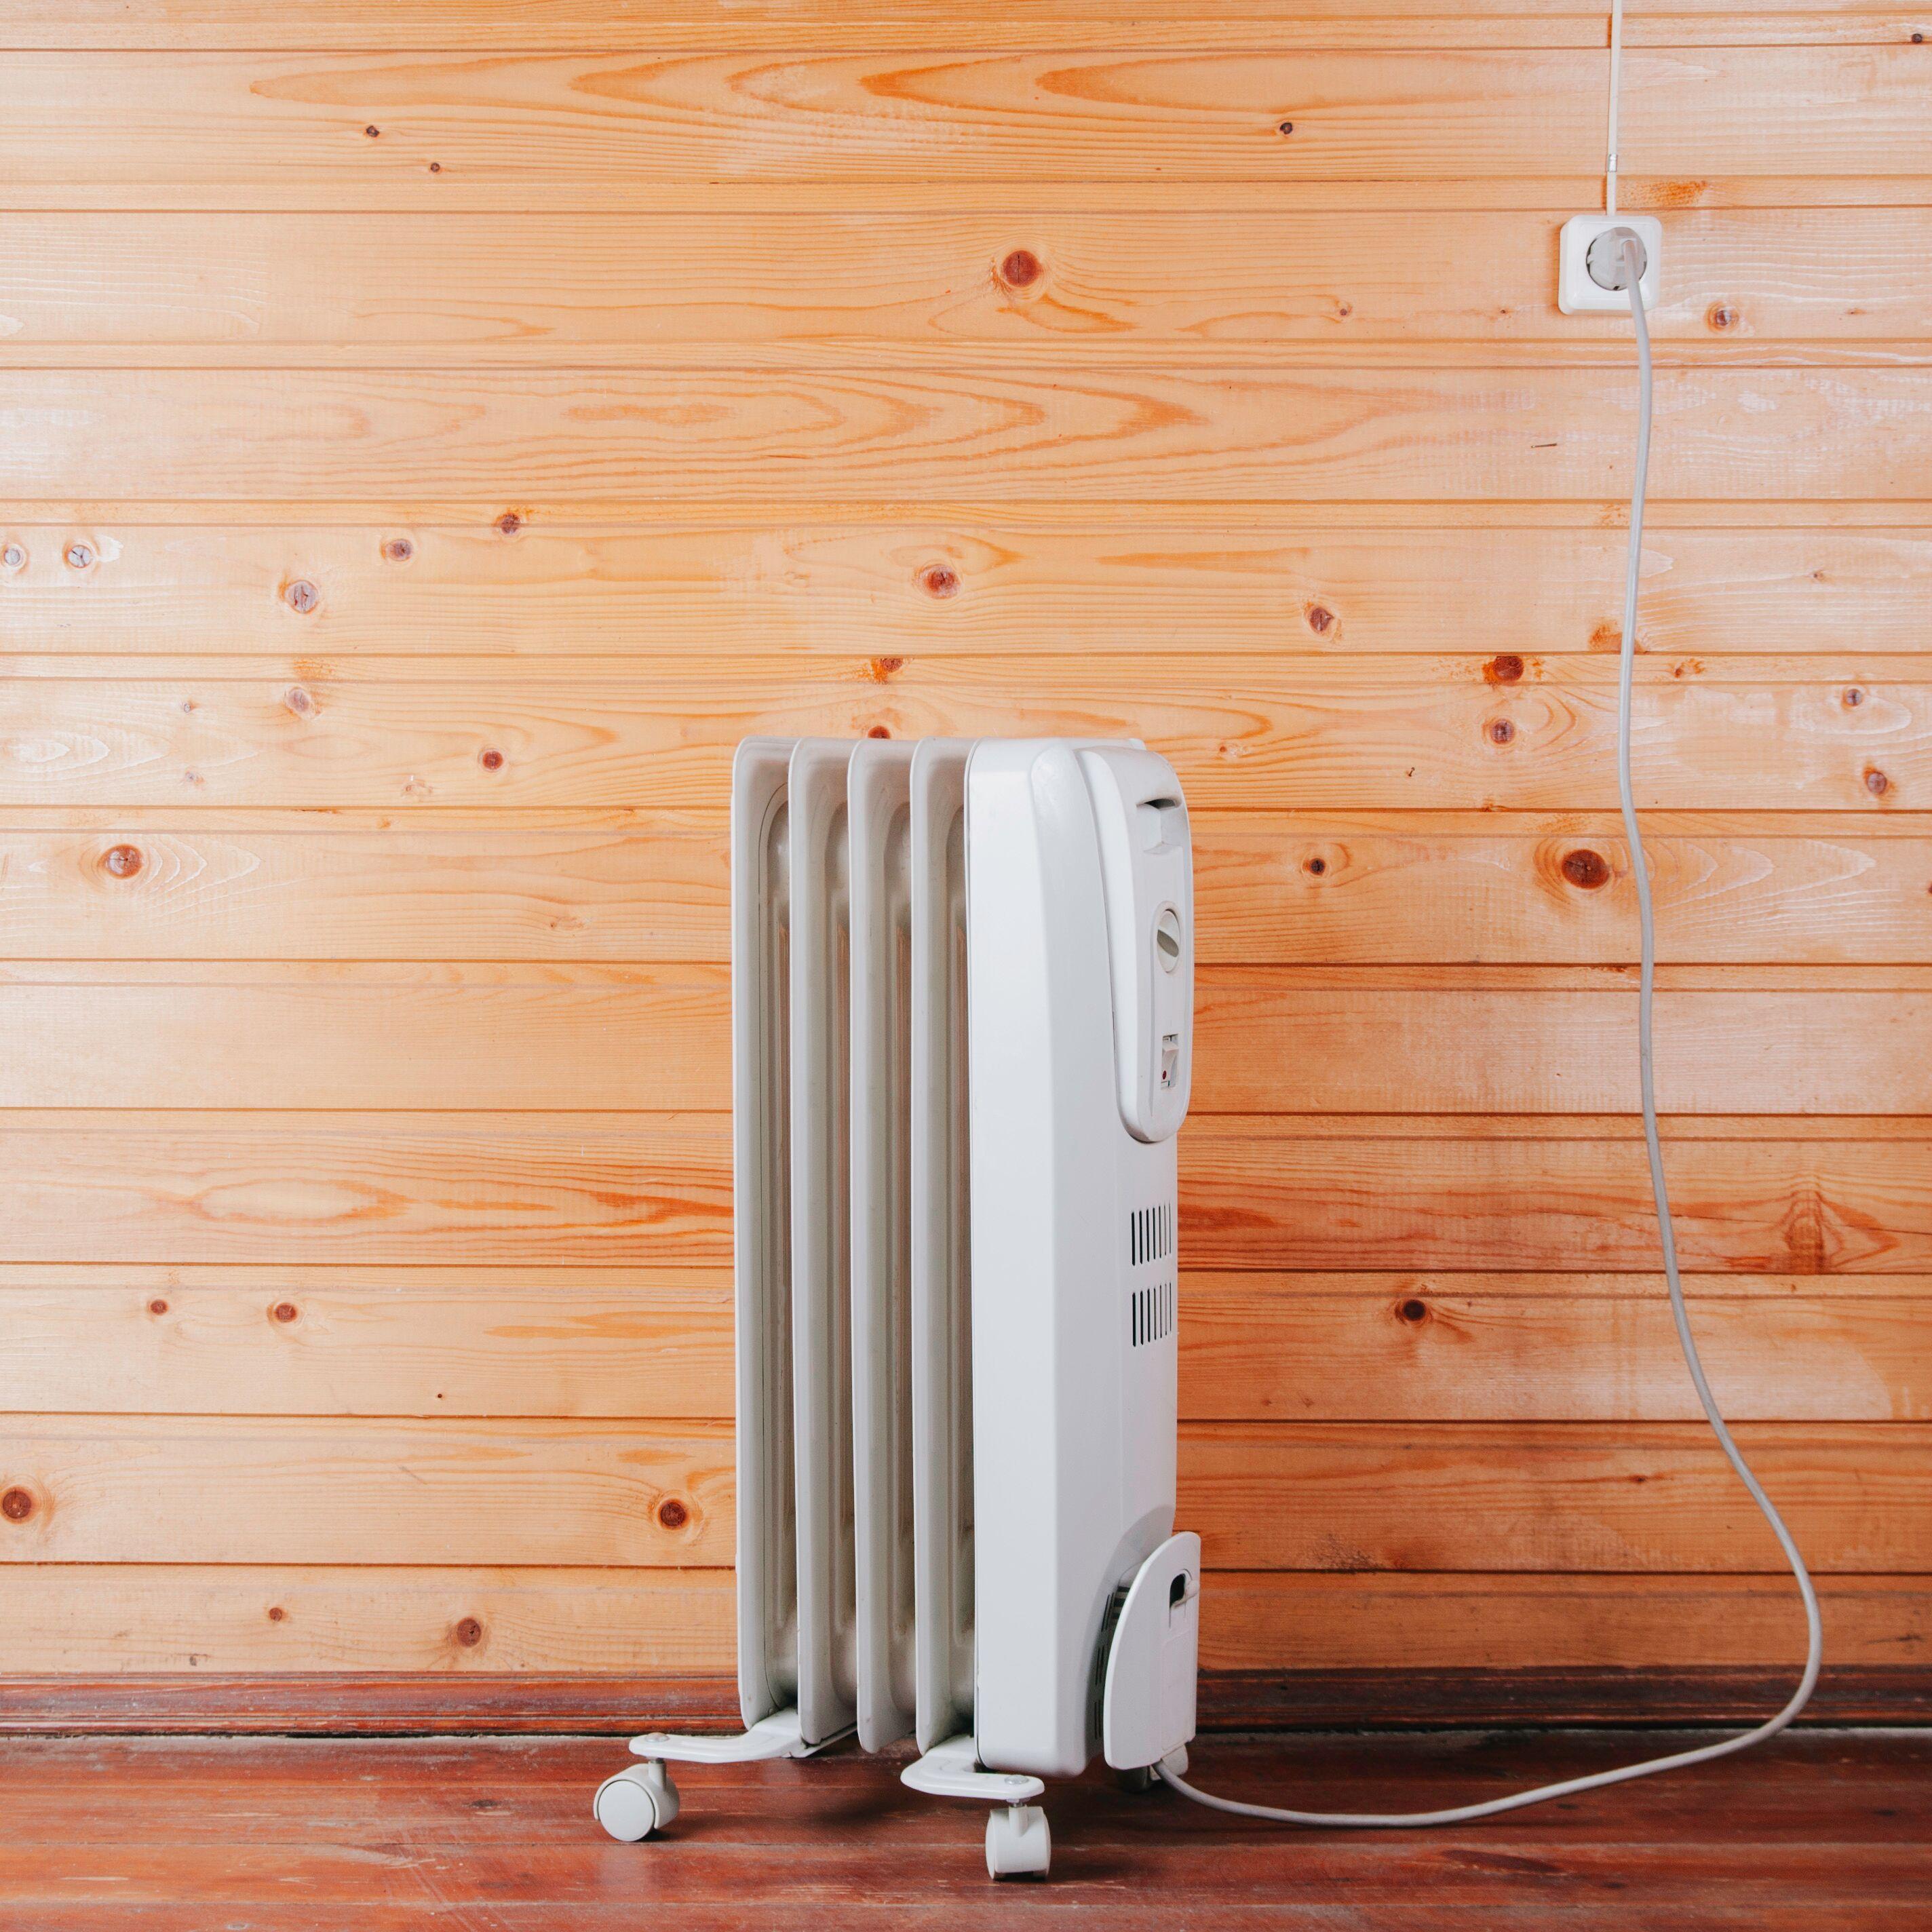 space-heater.jpeg?mtime=20191204145216#asset:15564